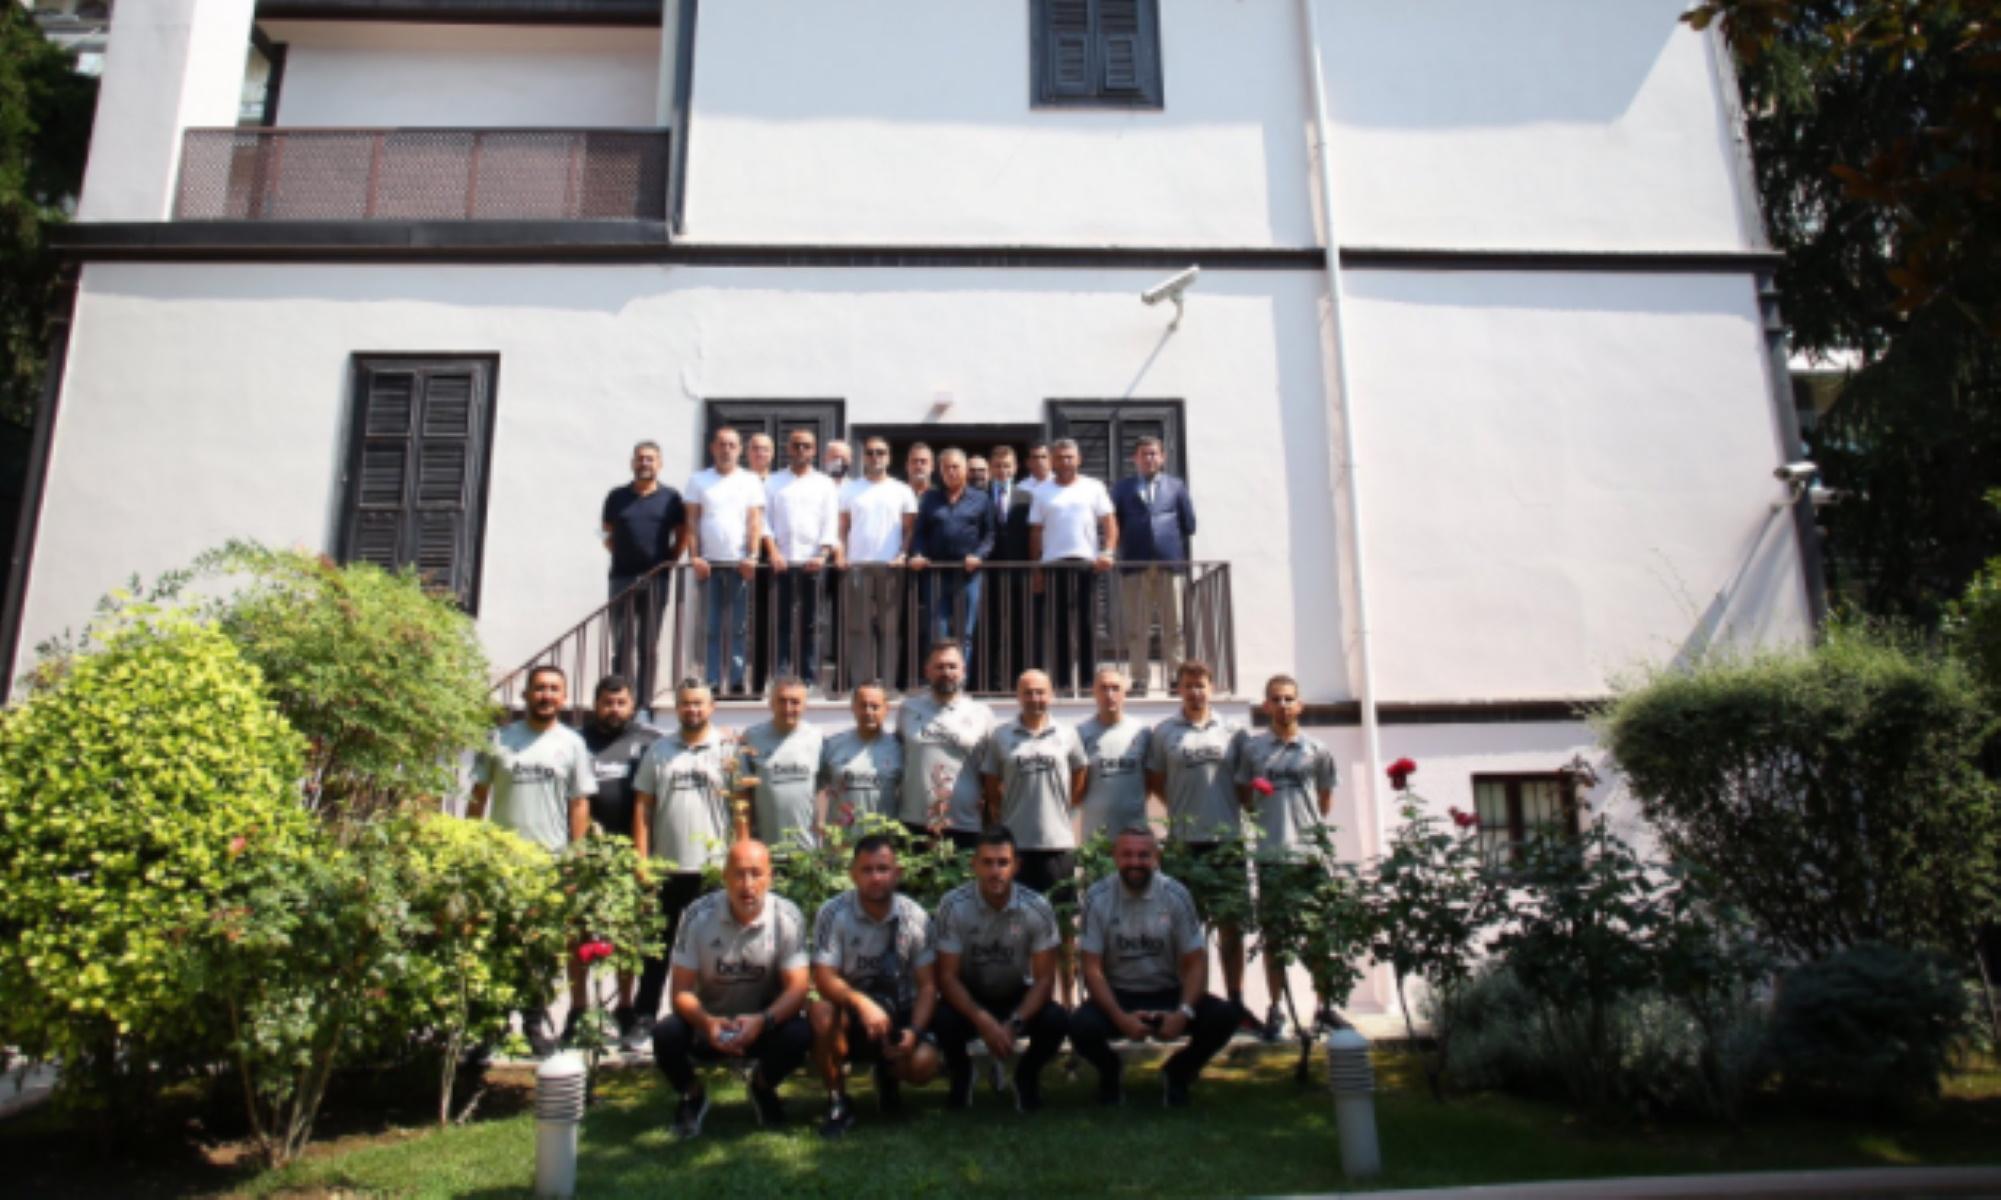 ΠΑΟΚ – Μπεσίκτας: Στο σπίτι που γεννήθηκε ο Κεμάλ Ατατούρκ αντιπροσωπεία των Τούρκων! (pics)